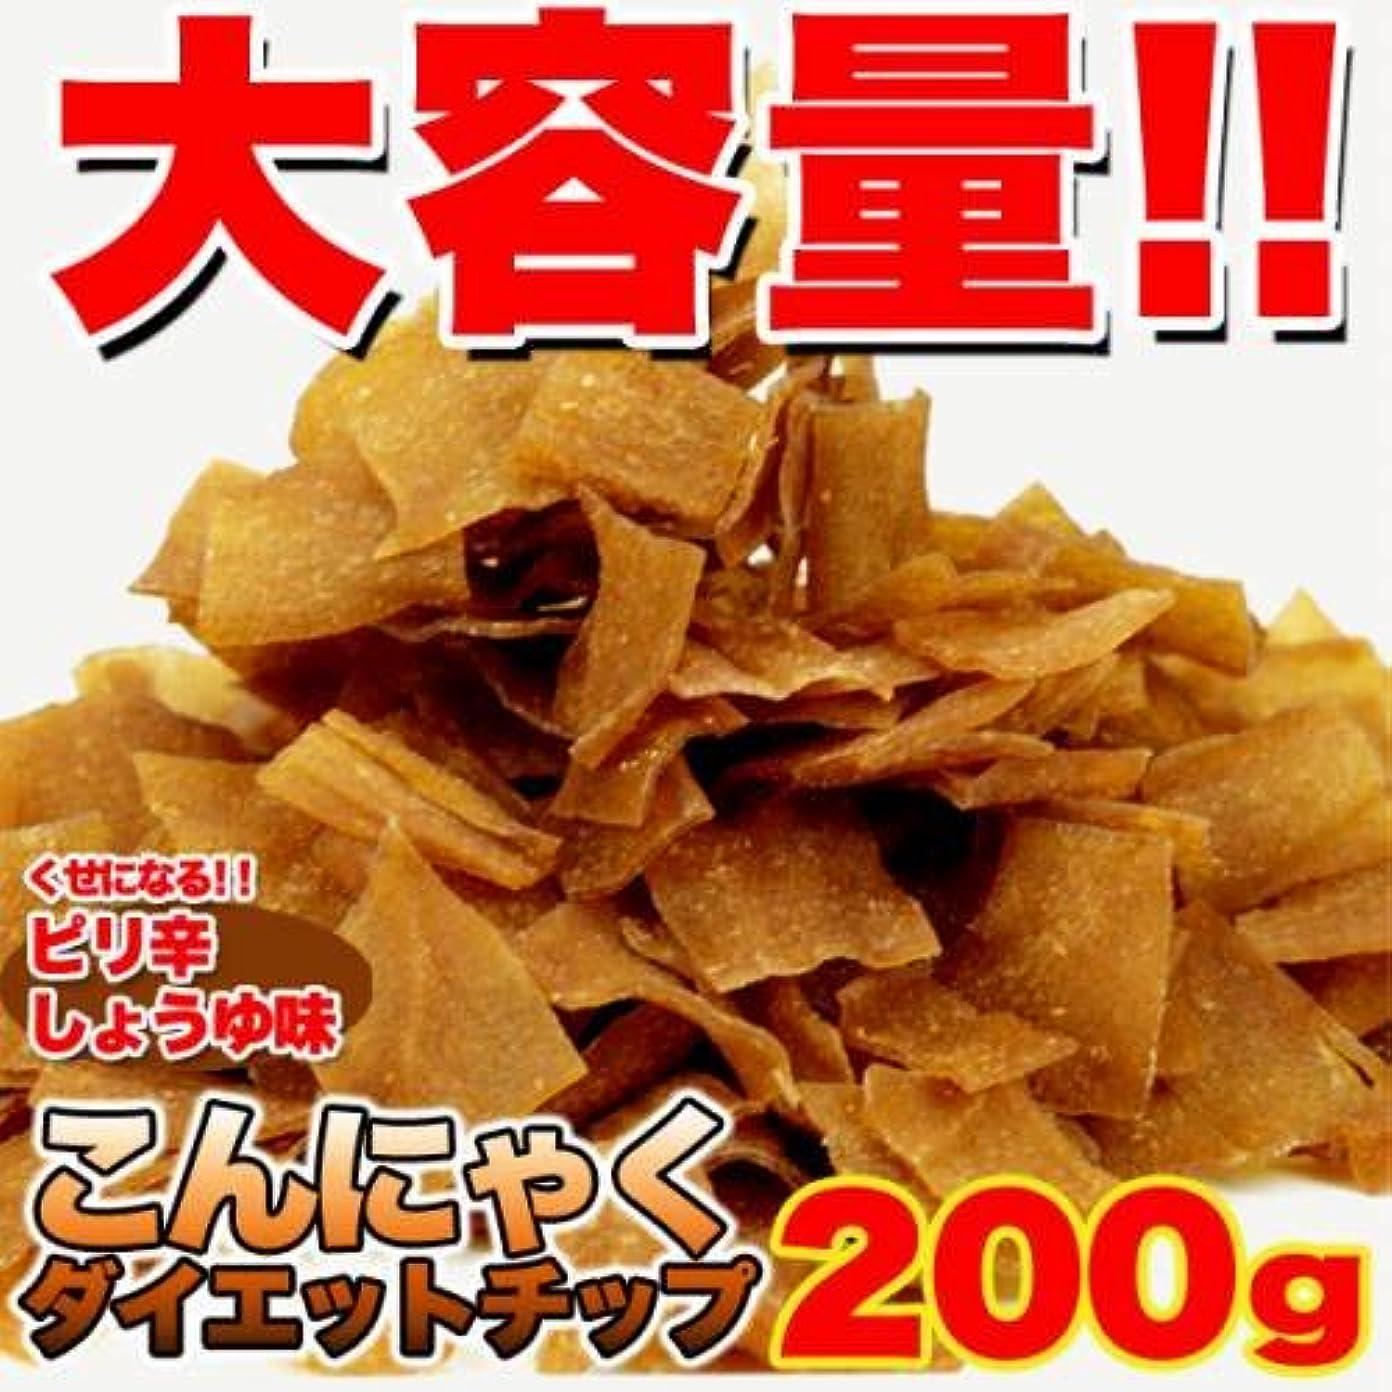 たとえジャンピングジャック酸化するお徳用 ダイエットこんにゃくチップ 200g